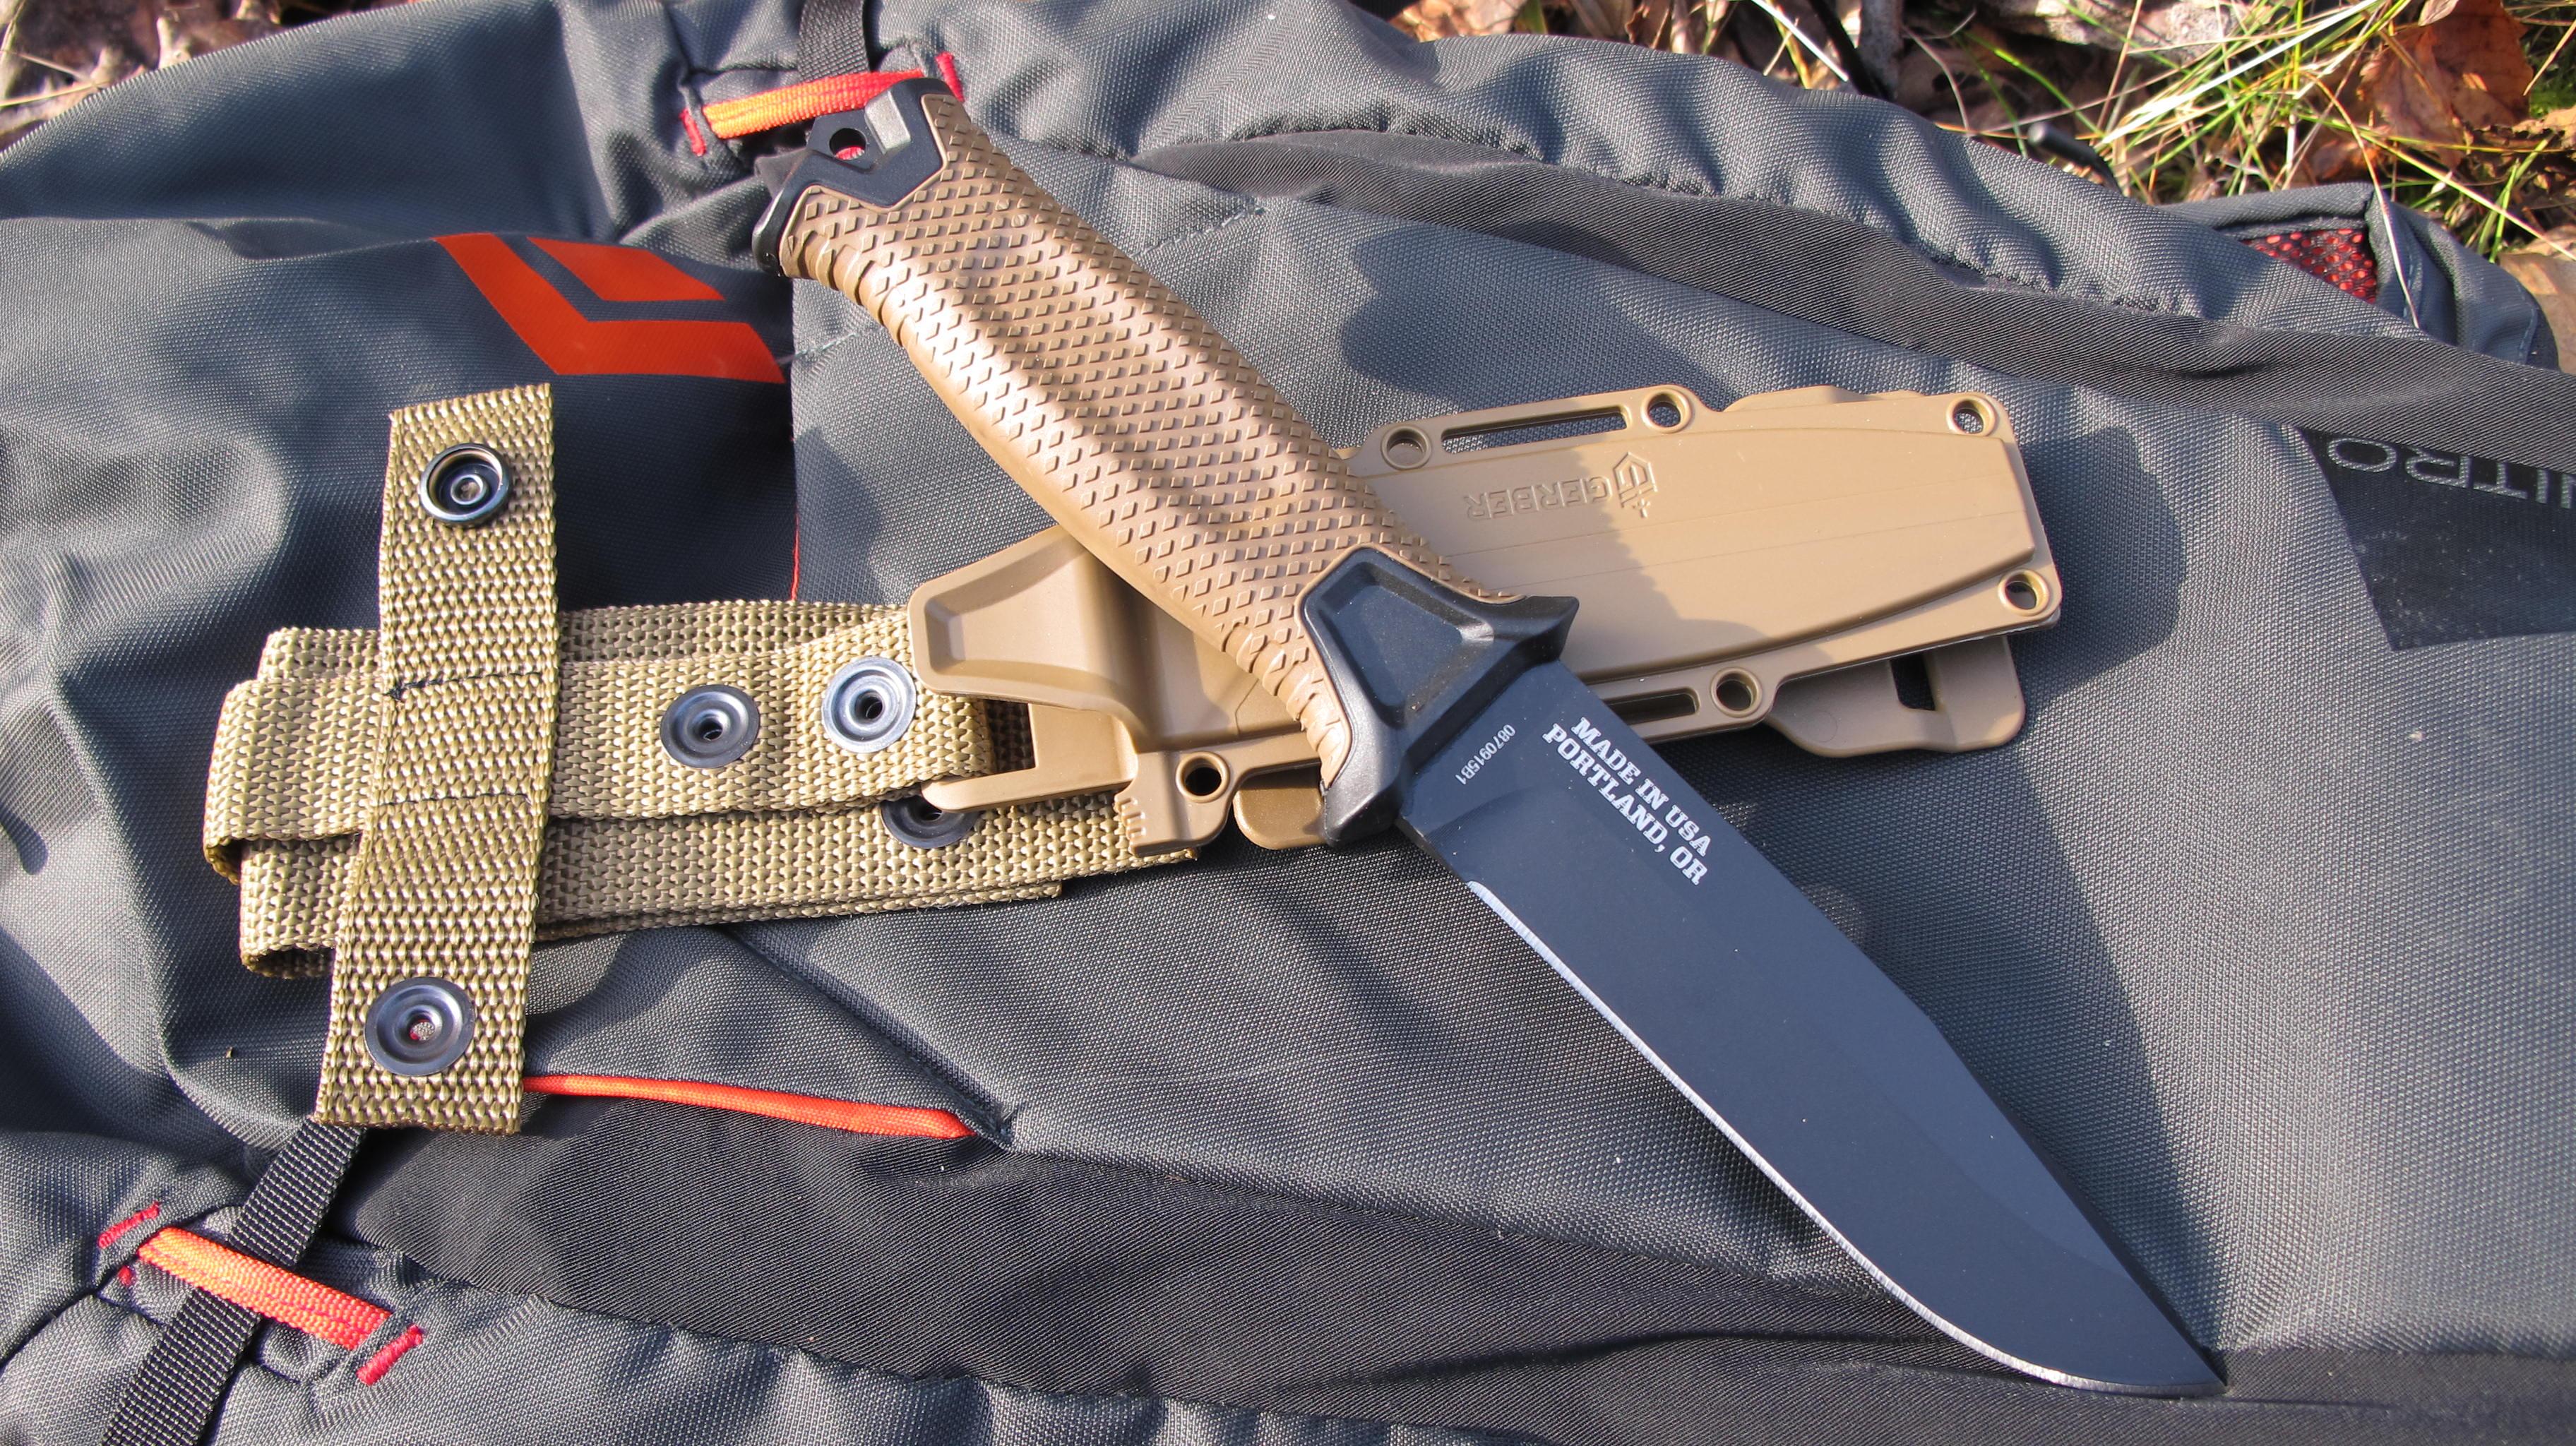 Couteau Militaire Amazon gerber strongarm – survie boréale